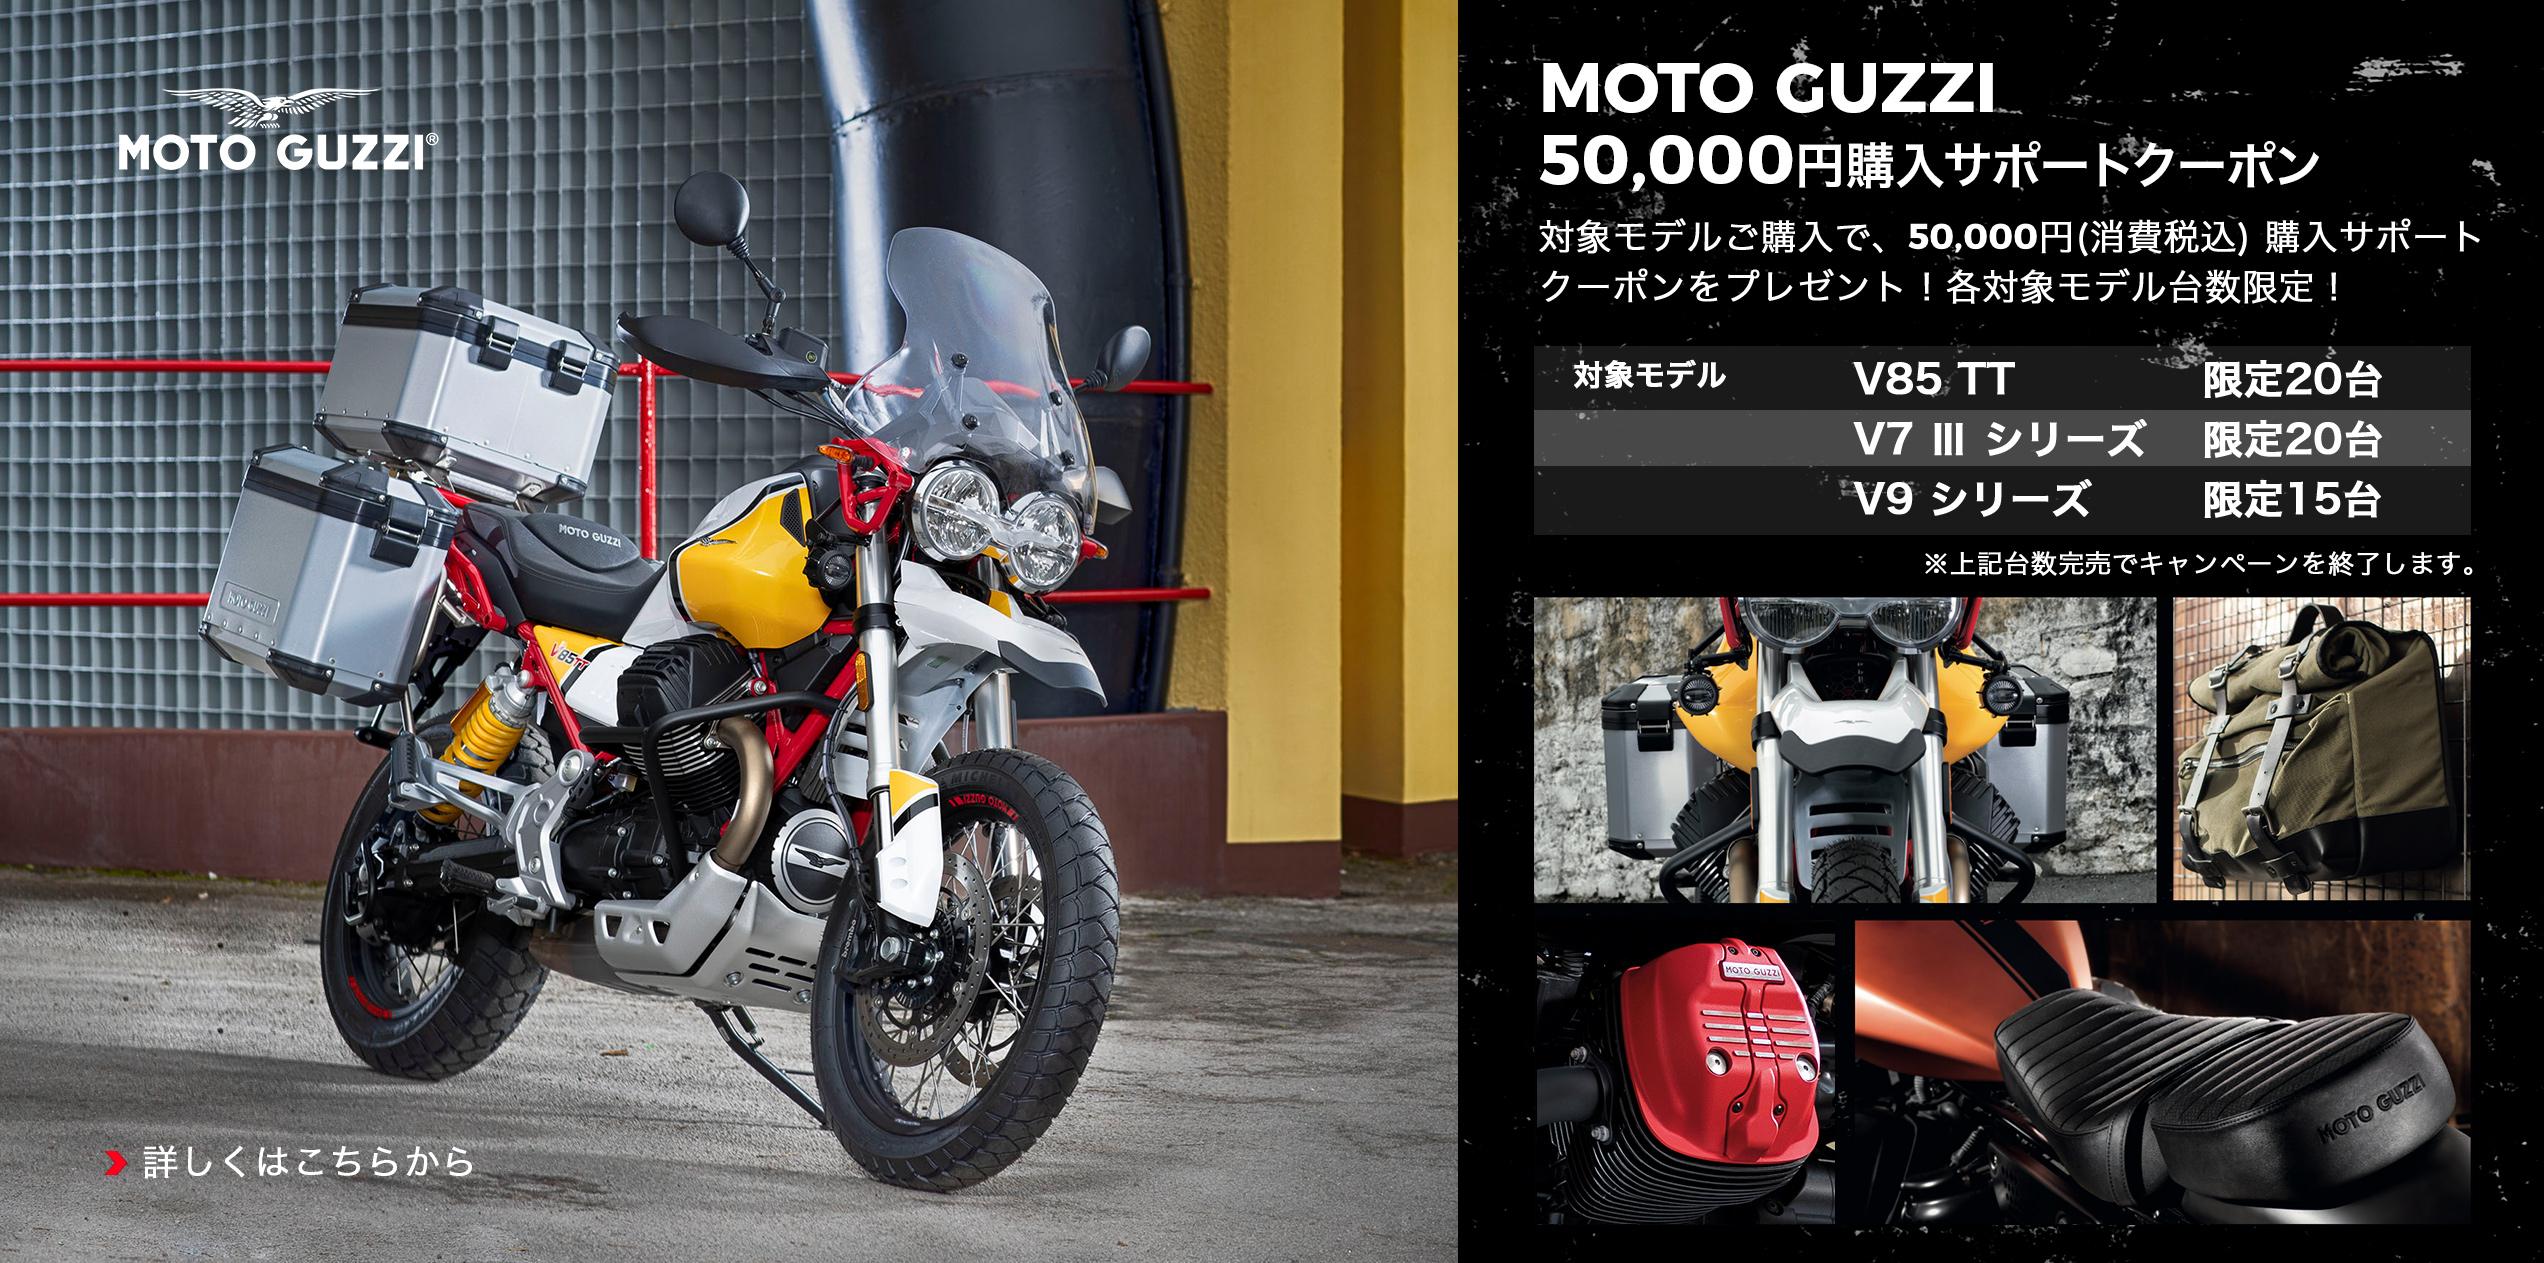 モト・グッツィ 50,000円購入サポートクーポン プレゼントキャンペーンのご案内